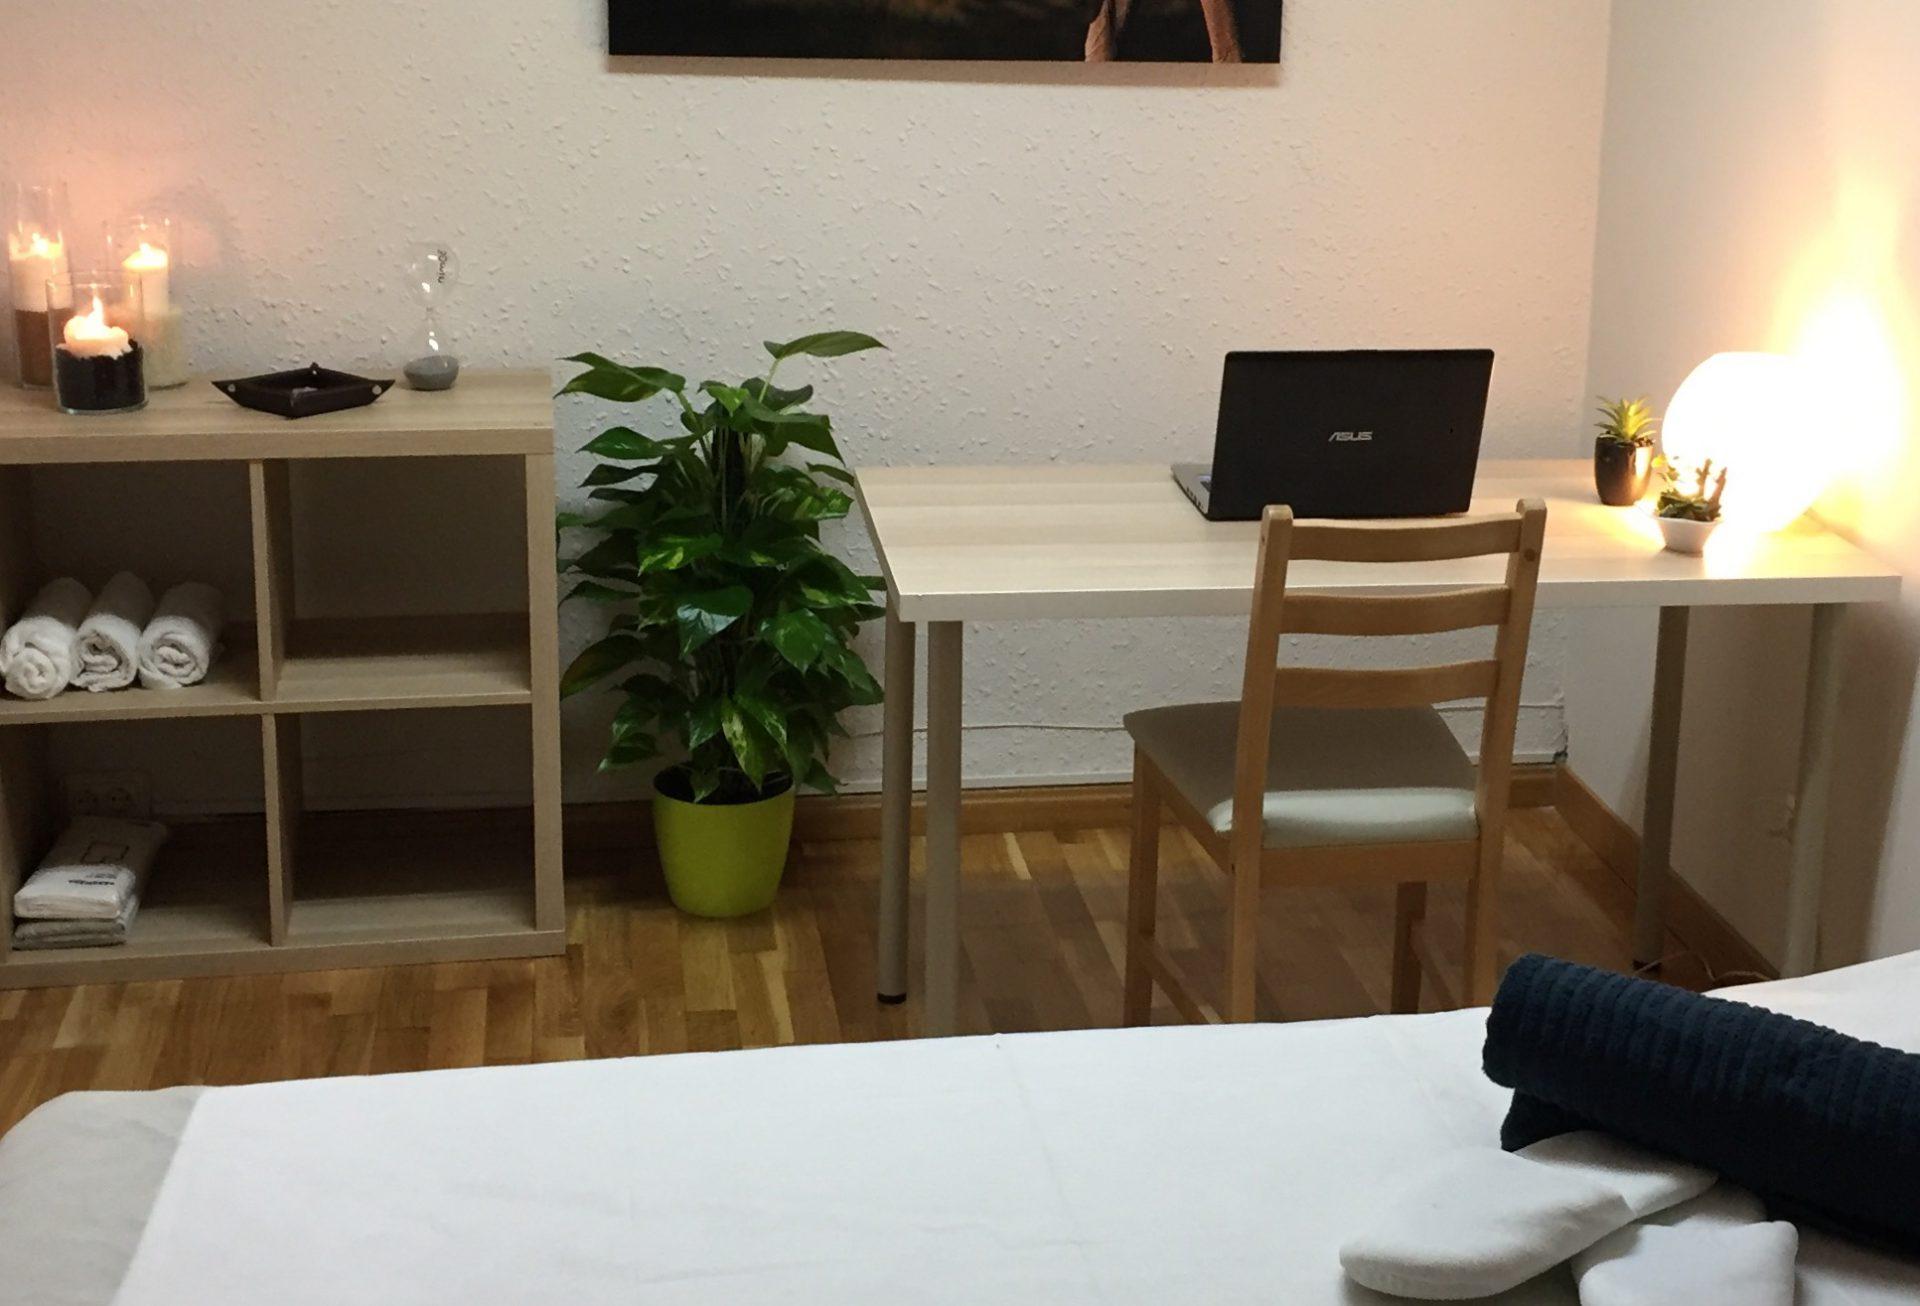 Cabina De Estetica En Alquiler Barcelona : Alquiler de cabina estética sin comisiones ni intermediarios